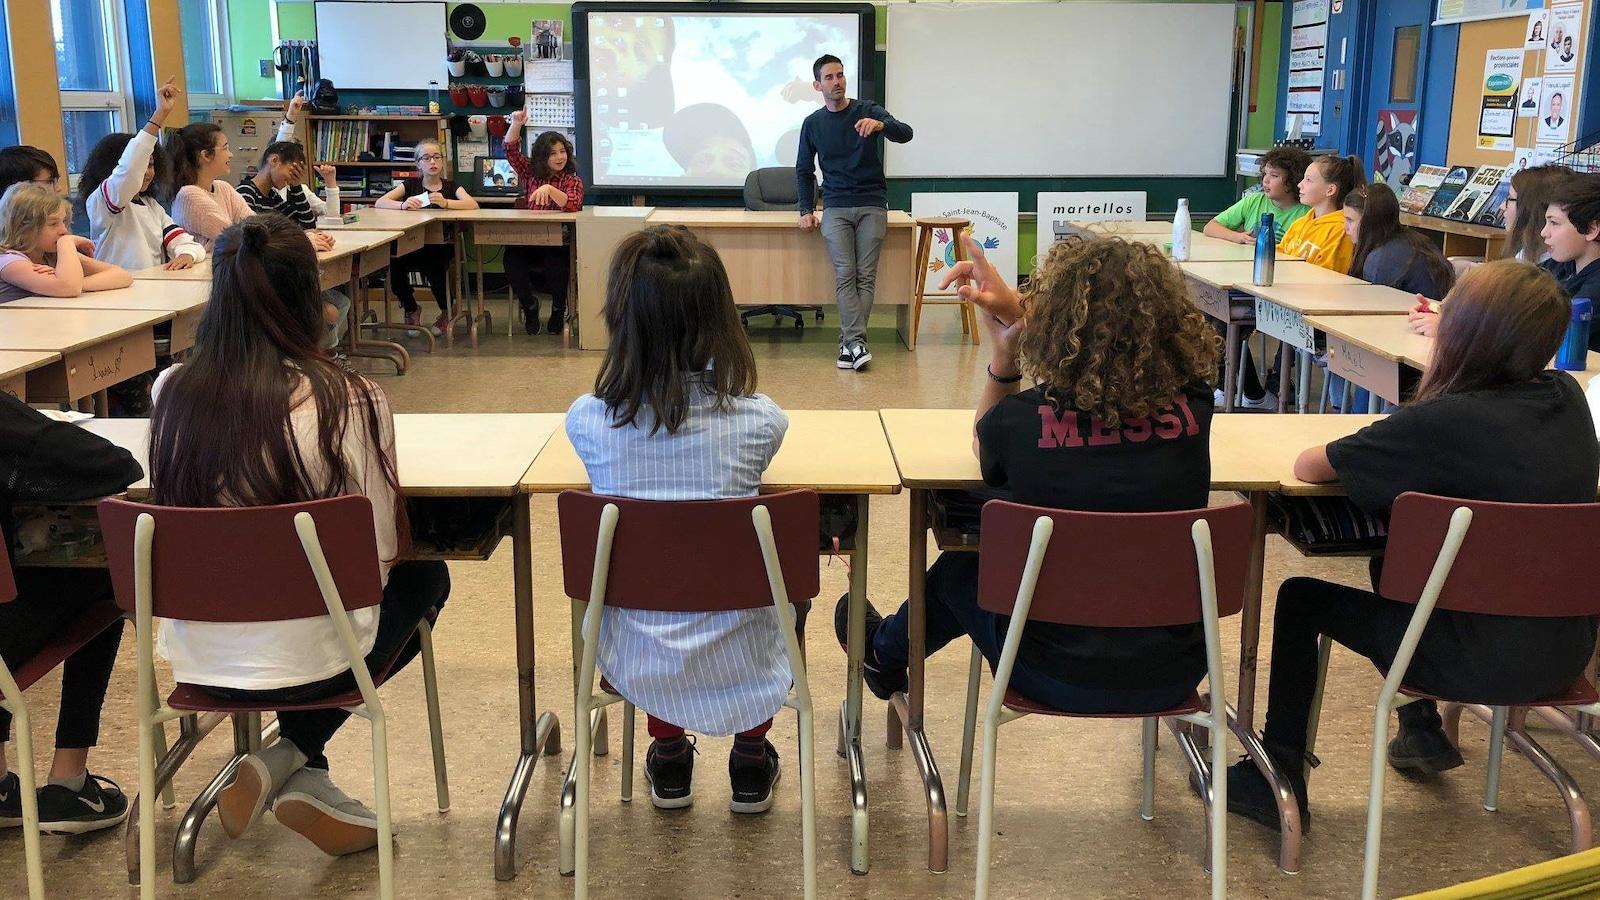 Des élèves de 5e et 6e année en classe avec leur professeur